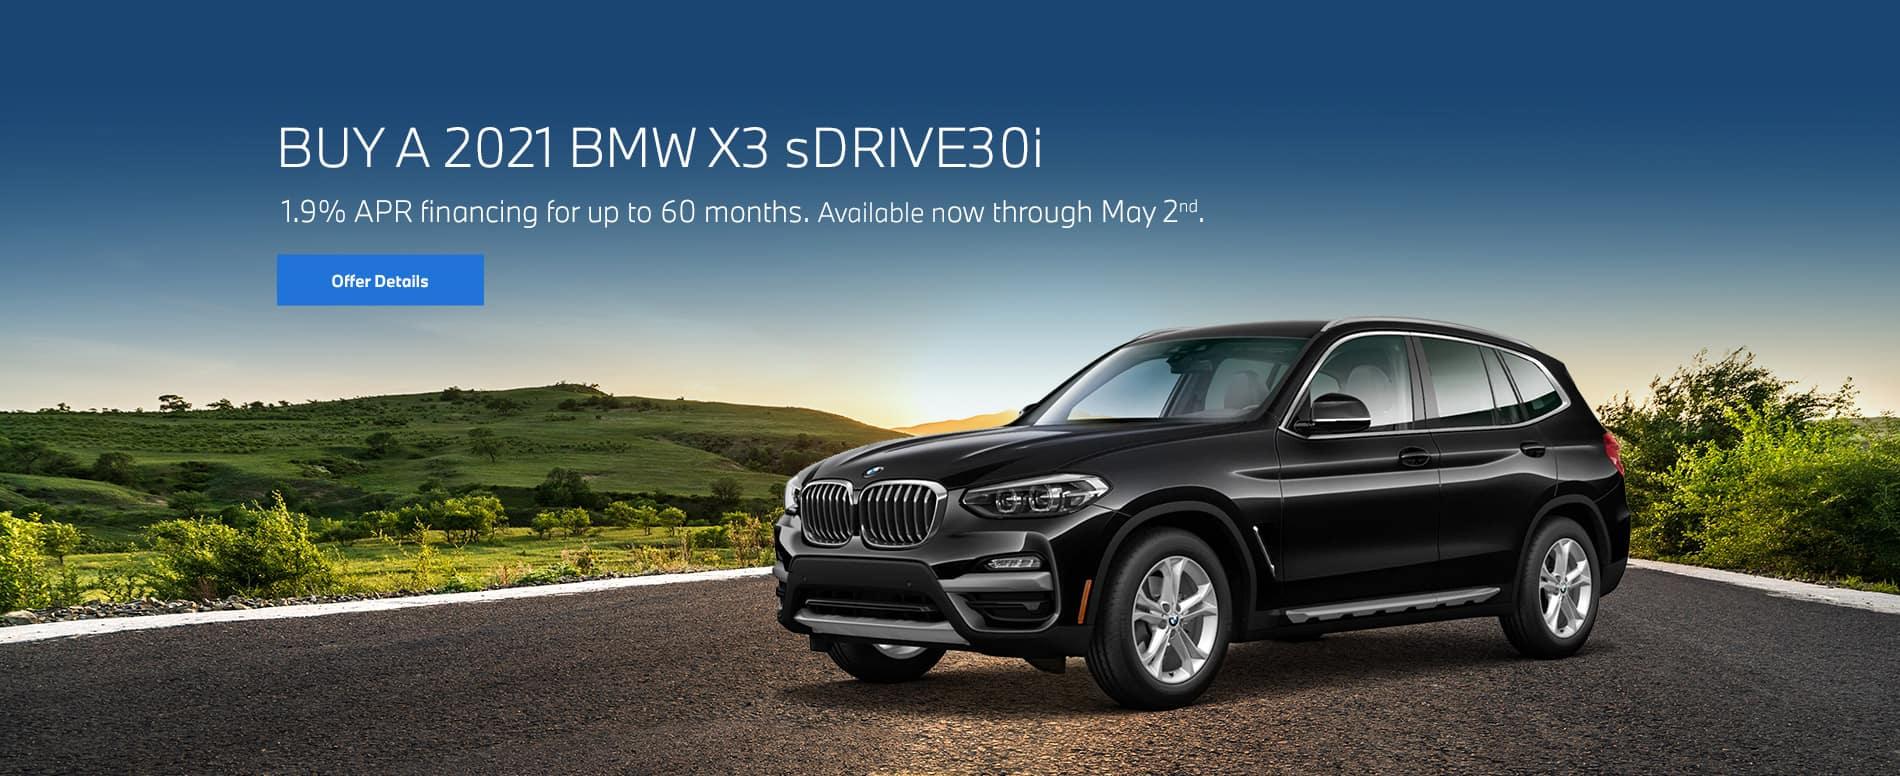 BMWAlbany_Slide_1900x776_04-21_30i